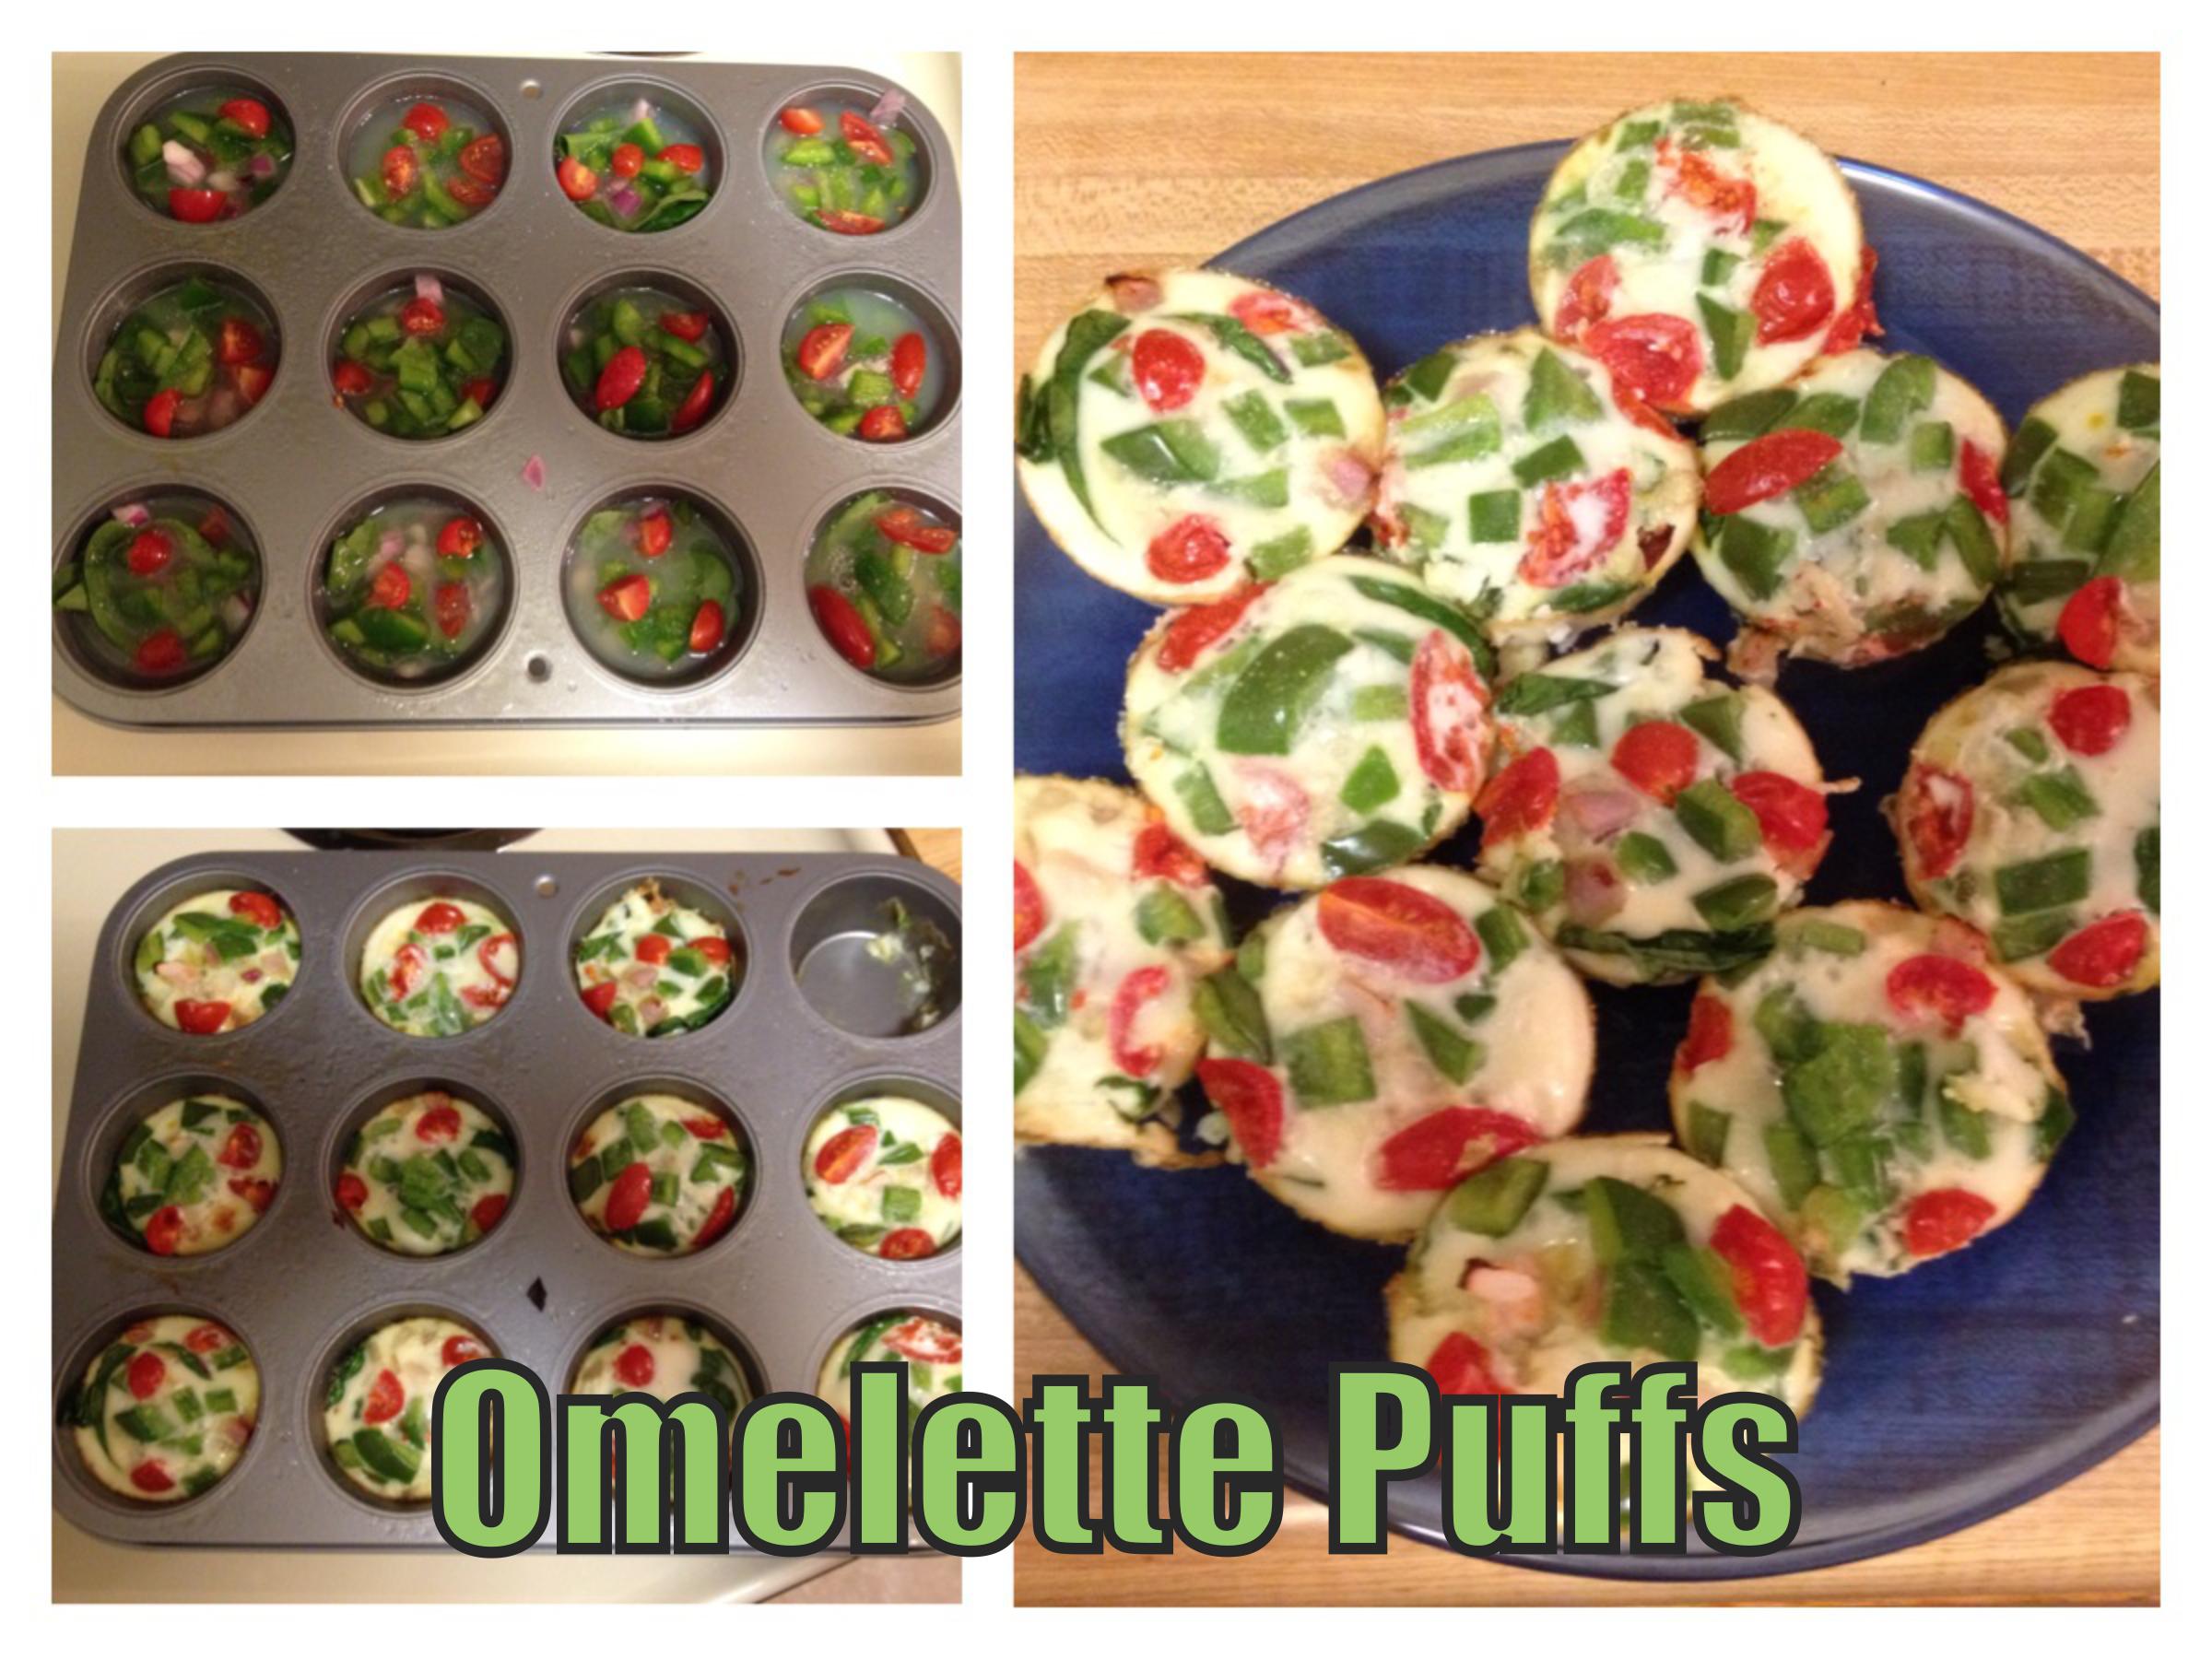 Recipe - Omelette Puffs